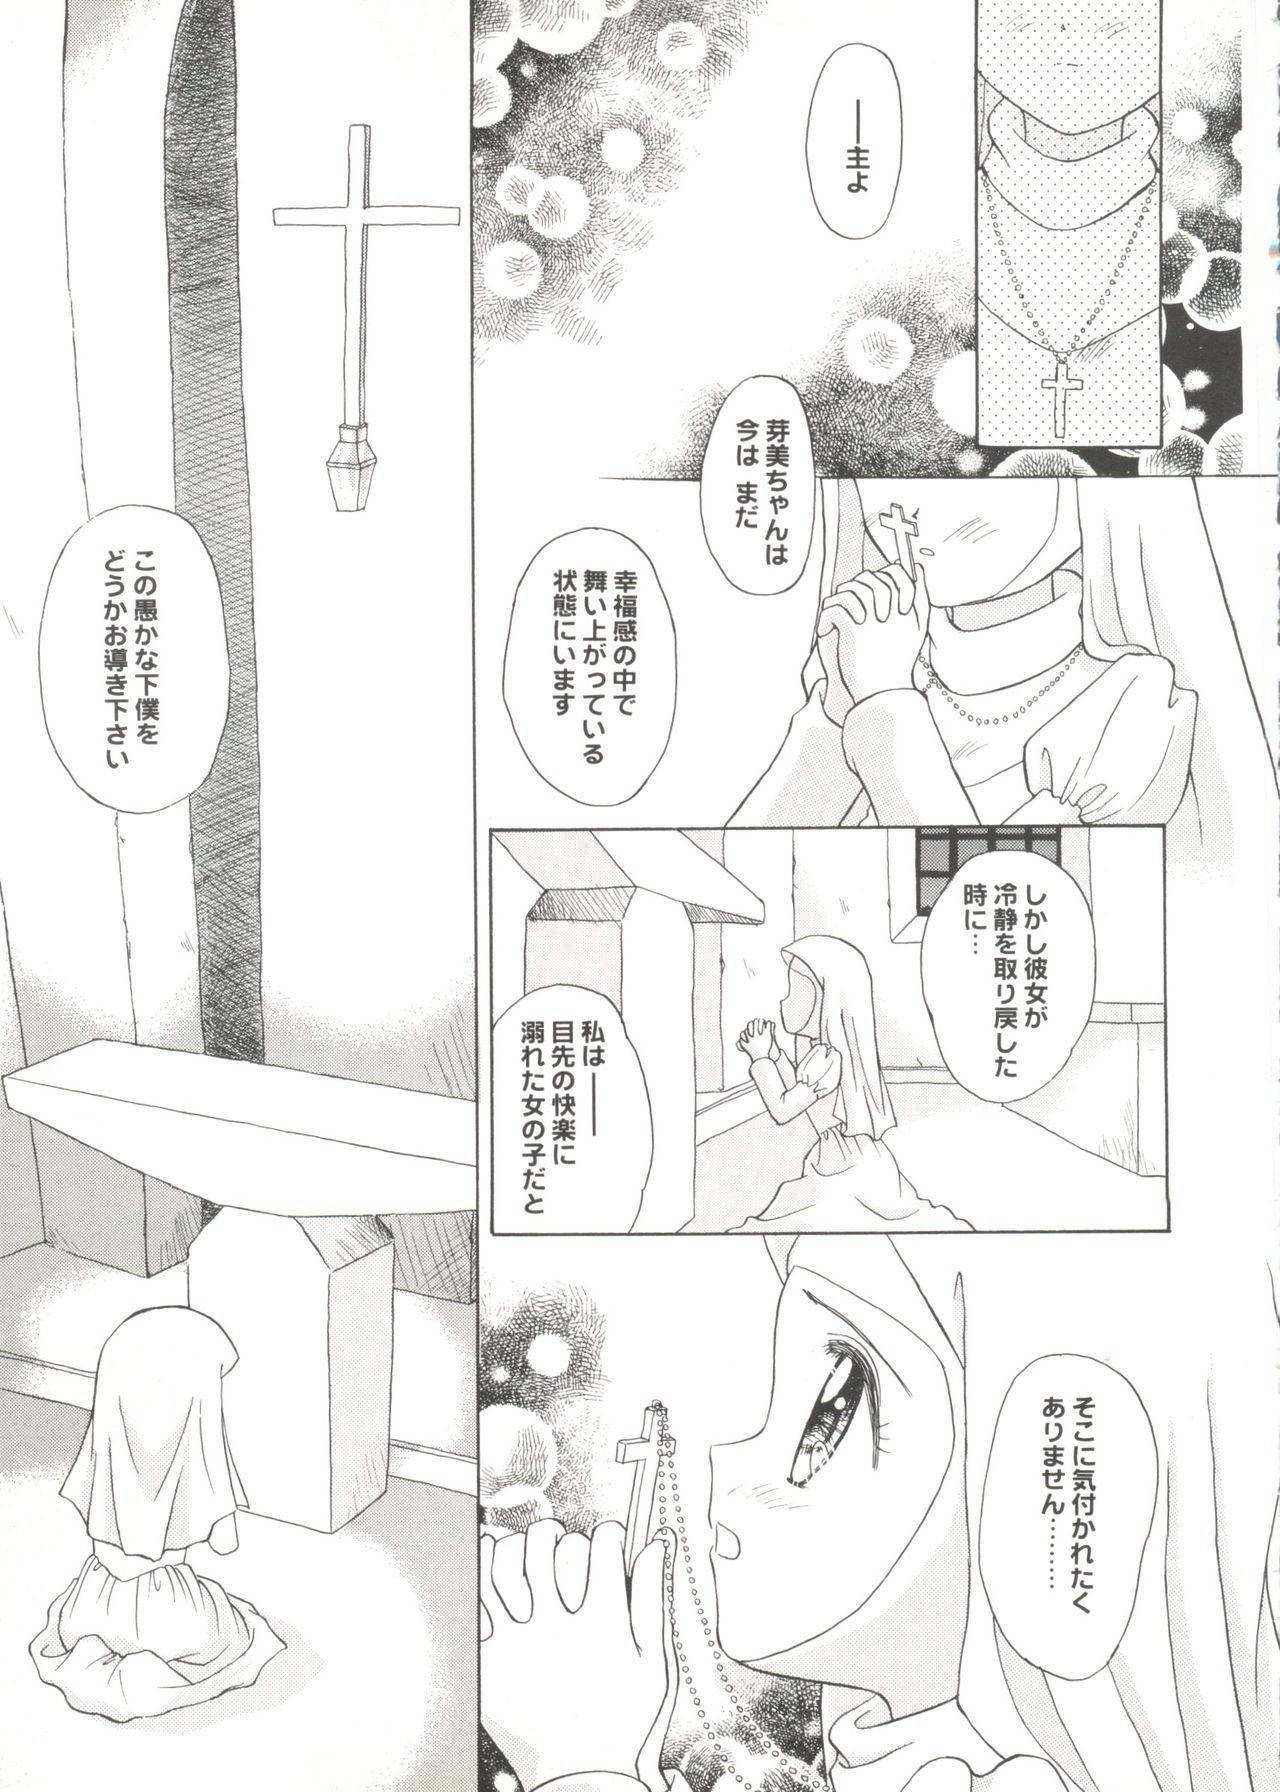 Doujin Anthology Bishoujo a La Carte 1 32